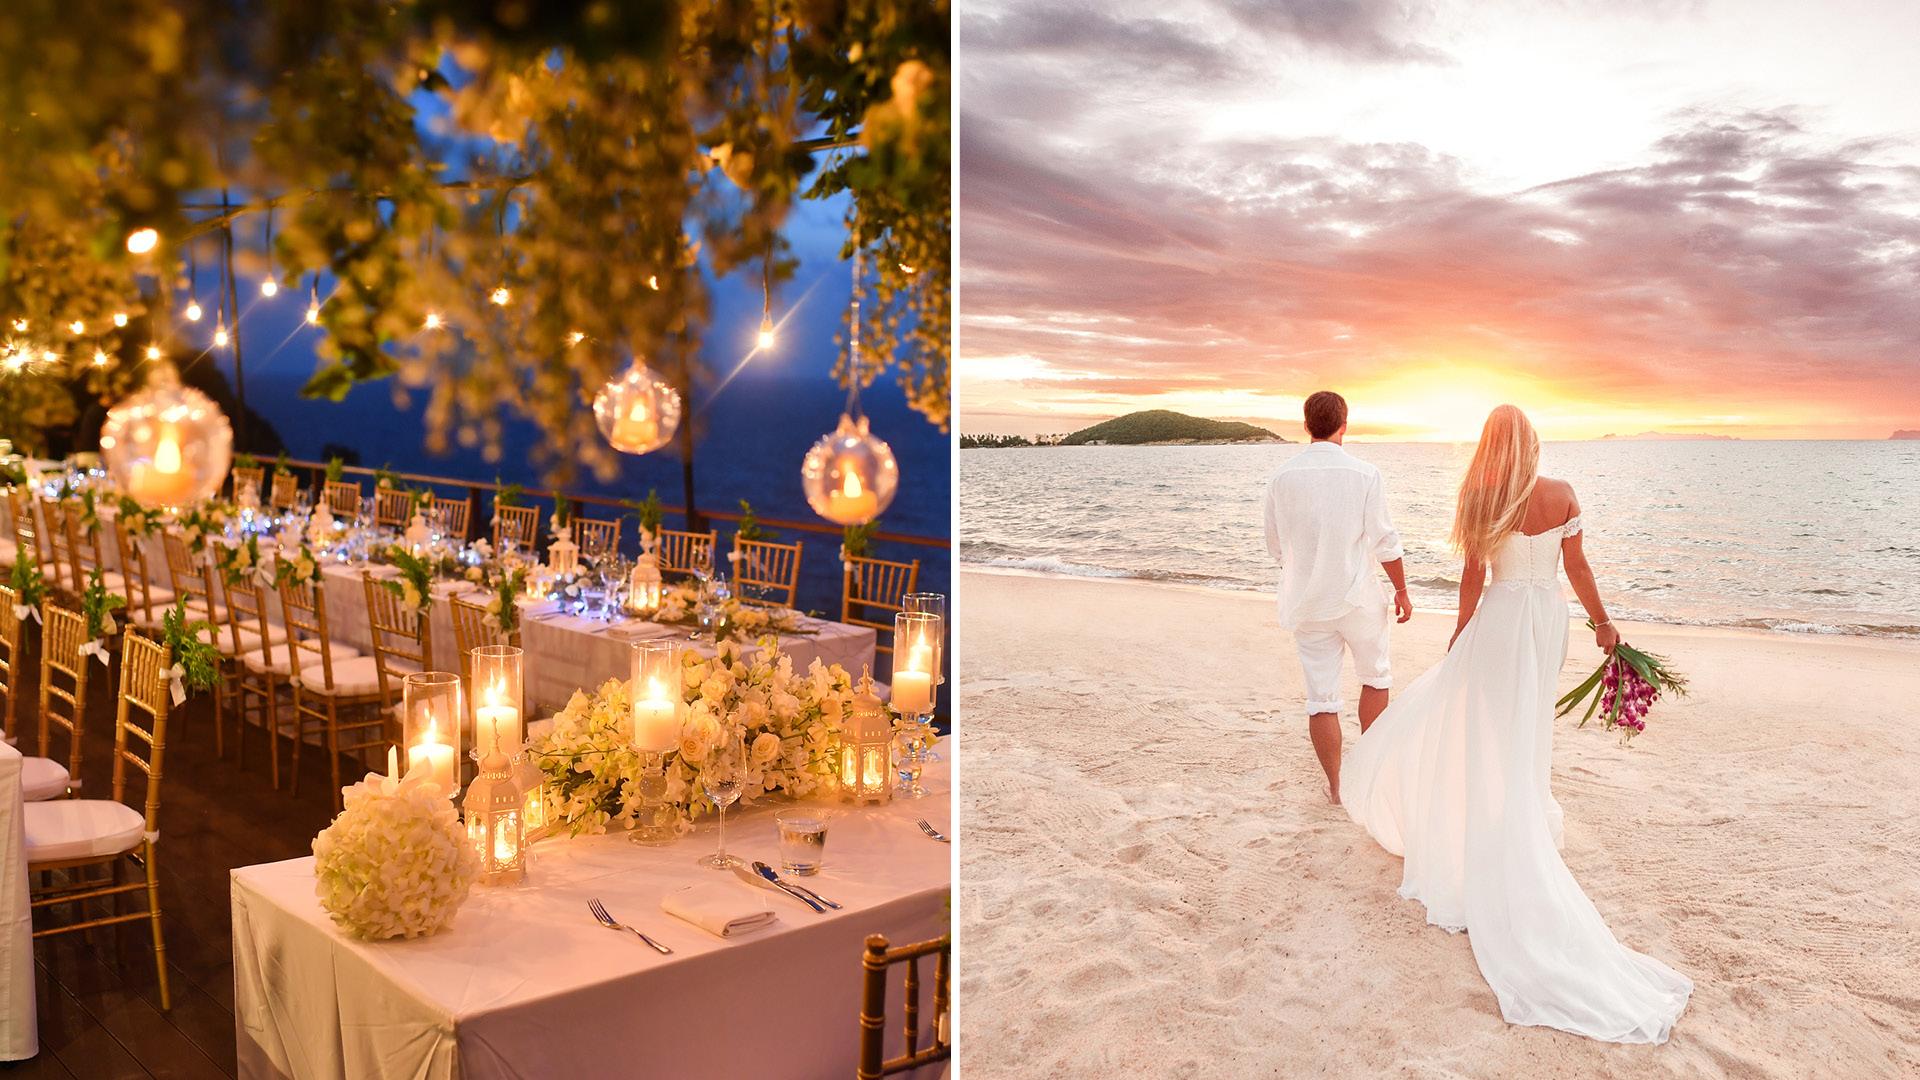 2019 Wedding Trend Alert! Top 5 Romantic Beach Wedding